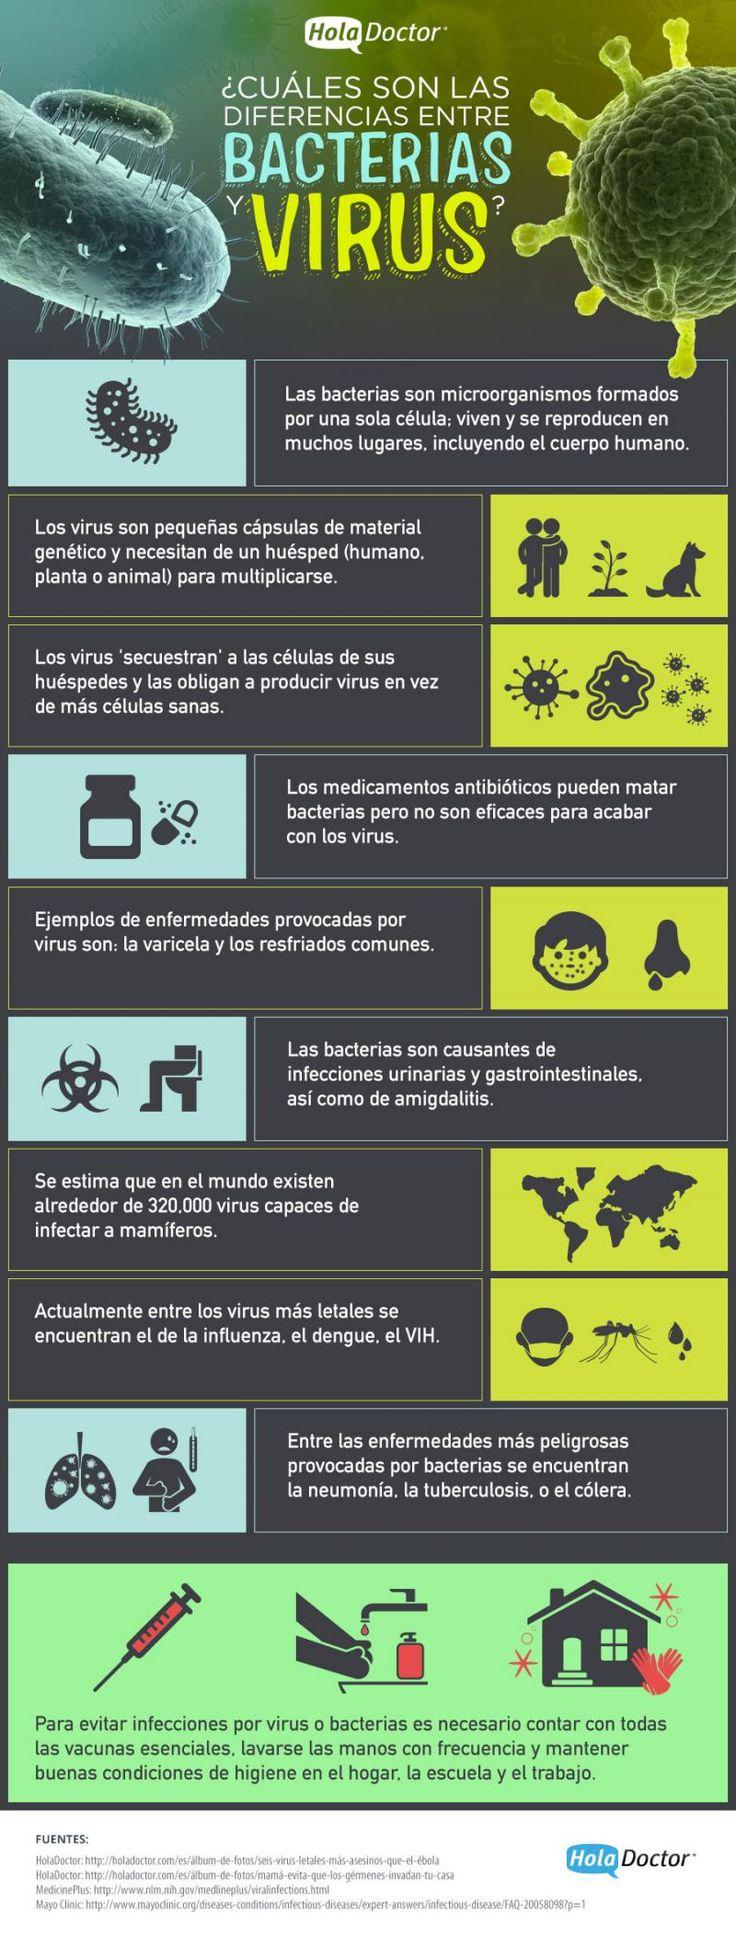 Cuáles son las diferencias entre virus y bacterias - HolaDoctor